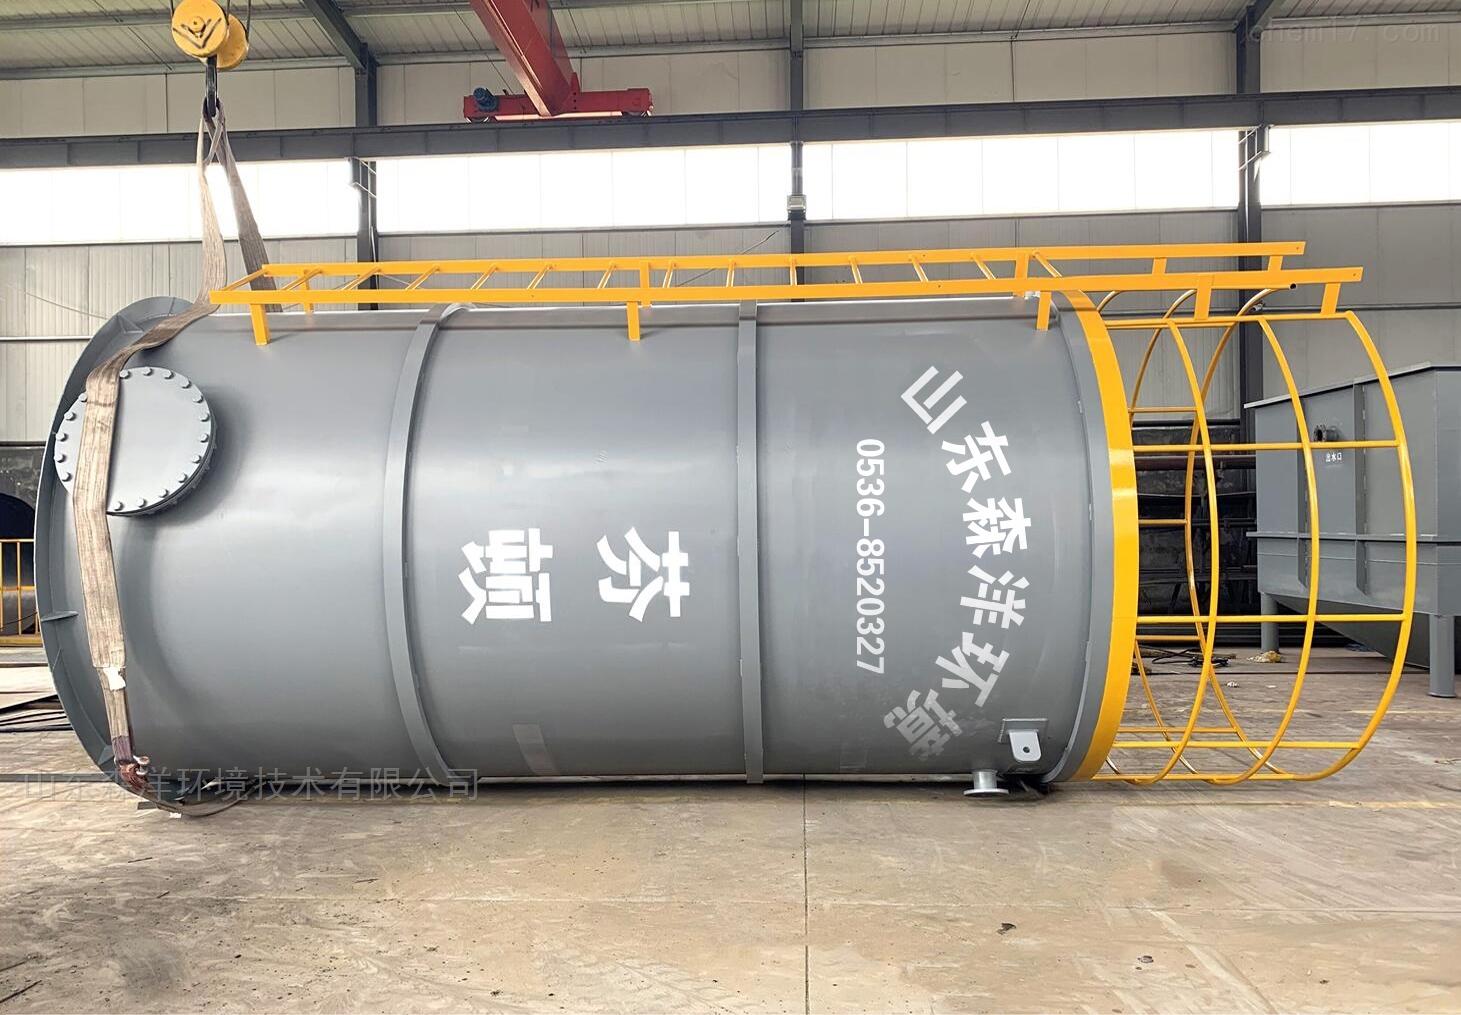 污水处理芬顿反应器生产厂家